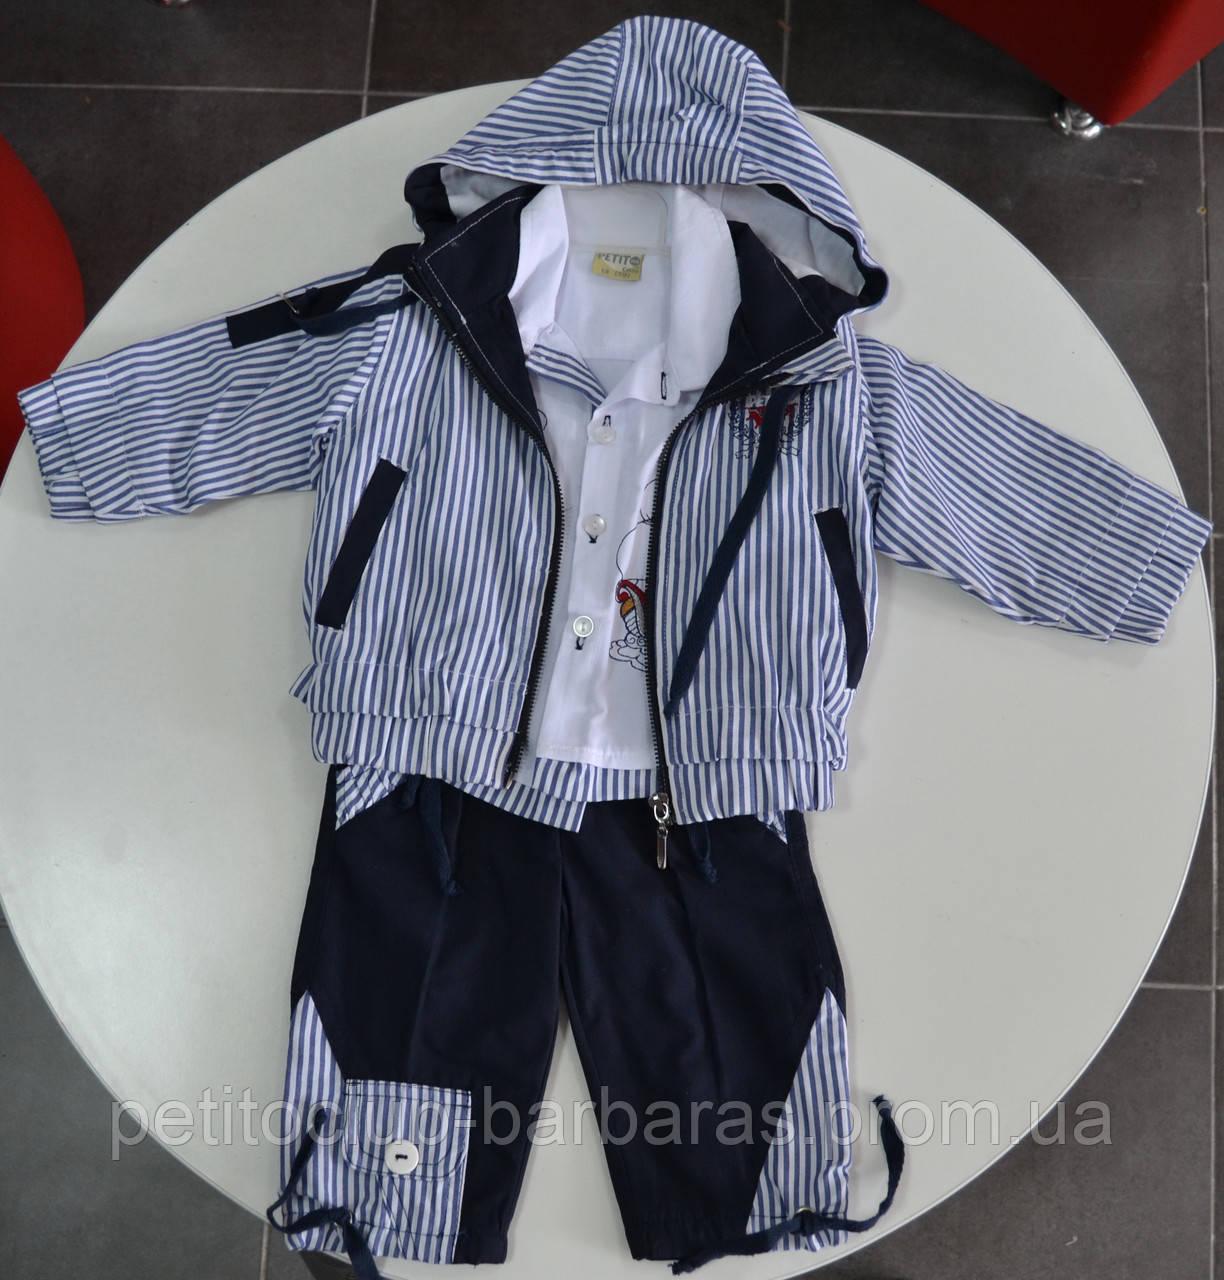 Летний комплект для мальчика Ebru: ветровка, сорочка, штаны  (ТМ Petito Club, Турция)